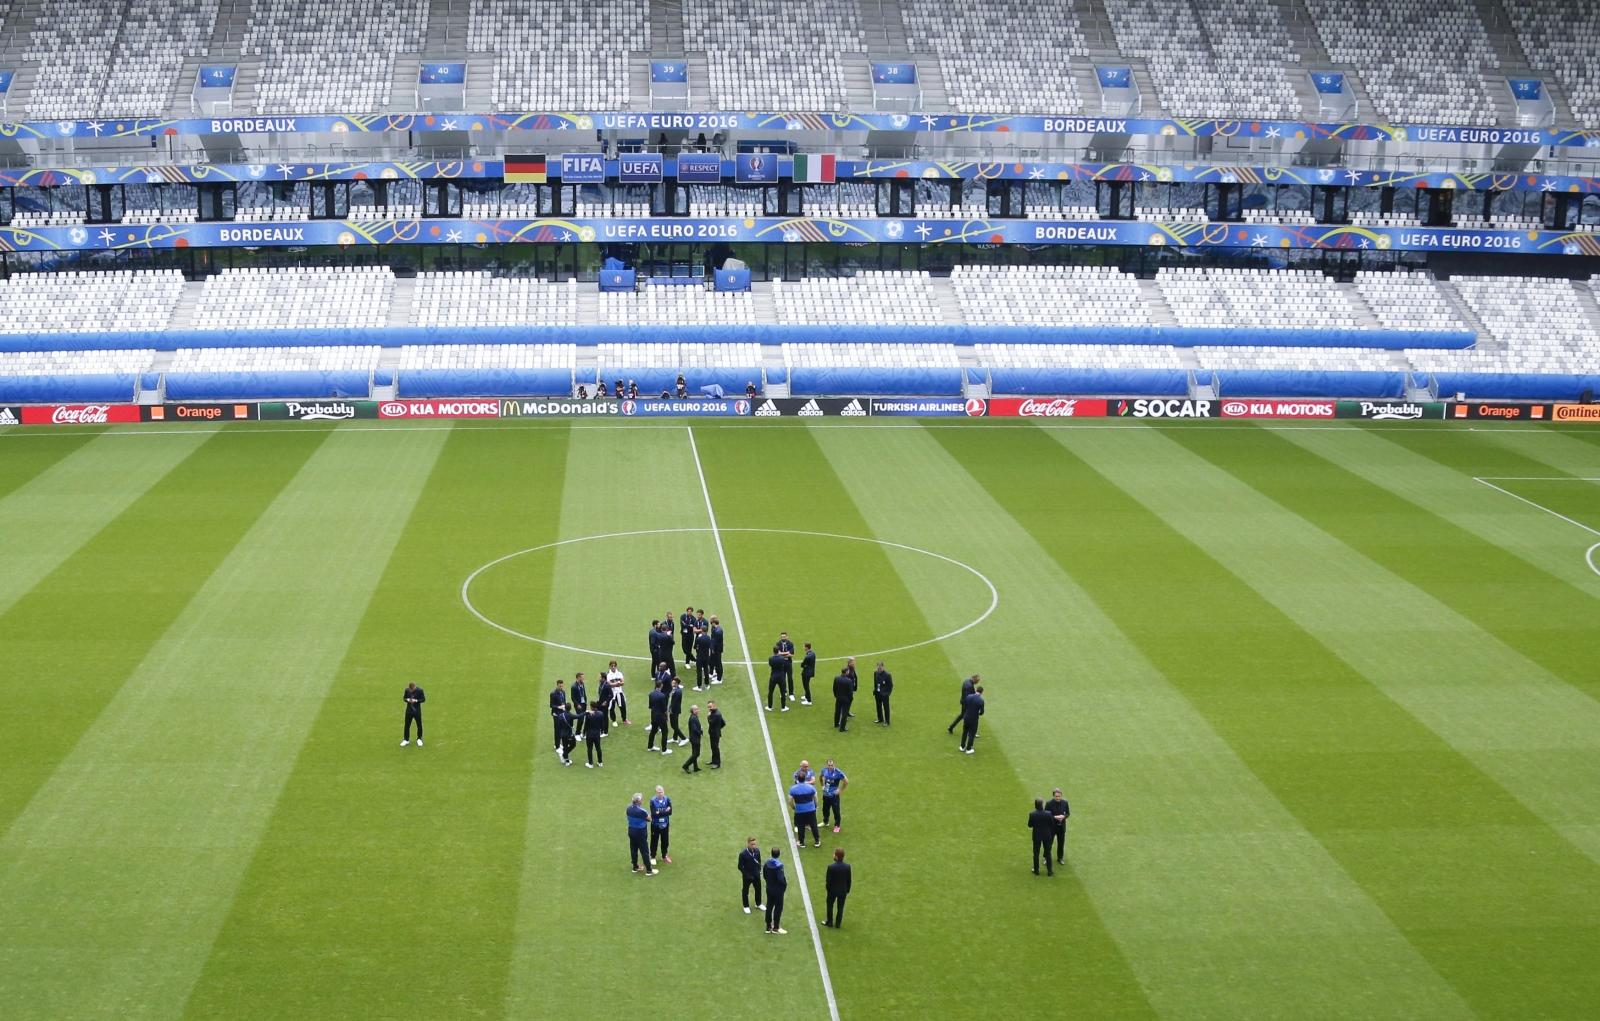 Stade de Bordeaux Bordeaux